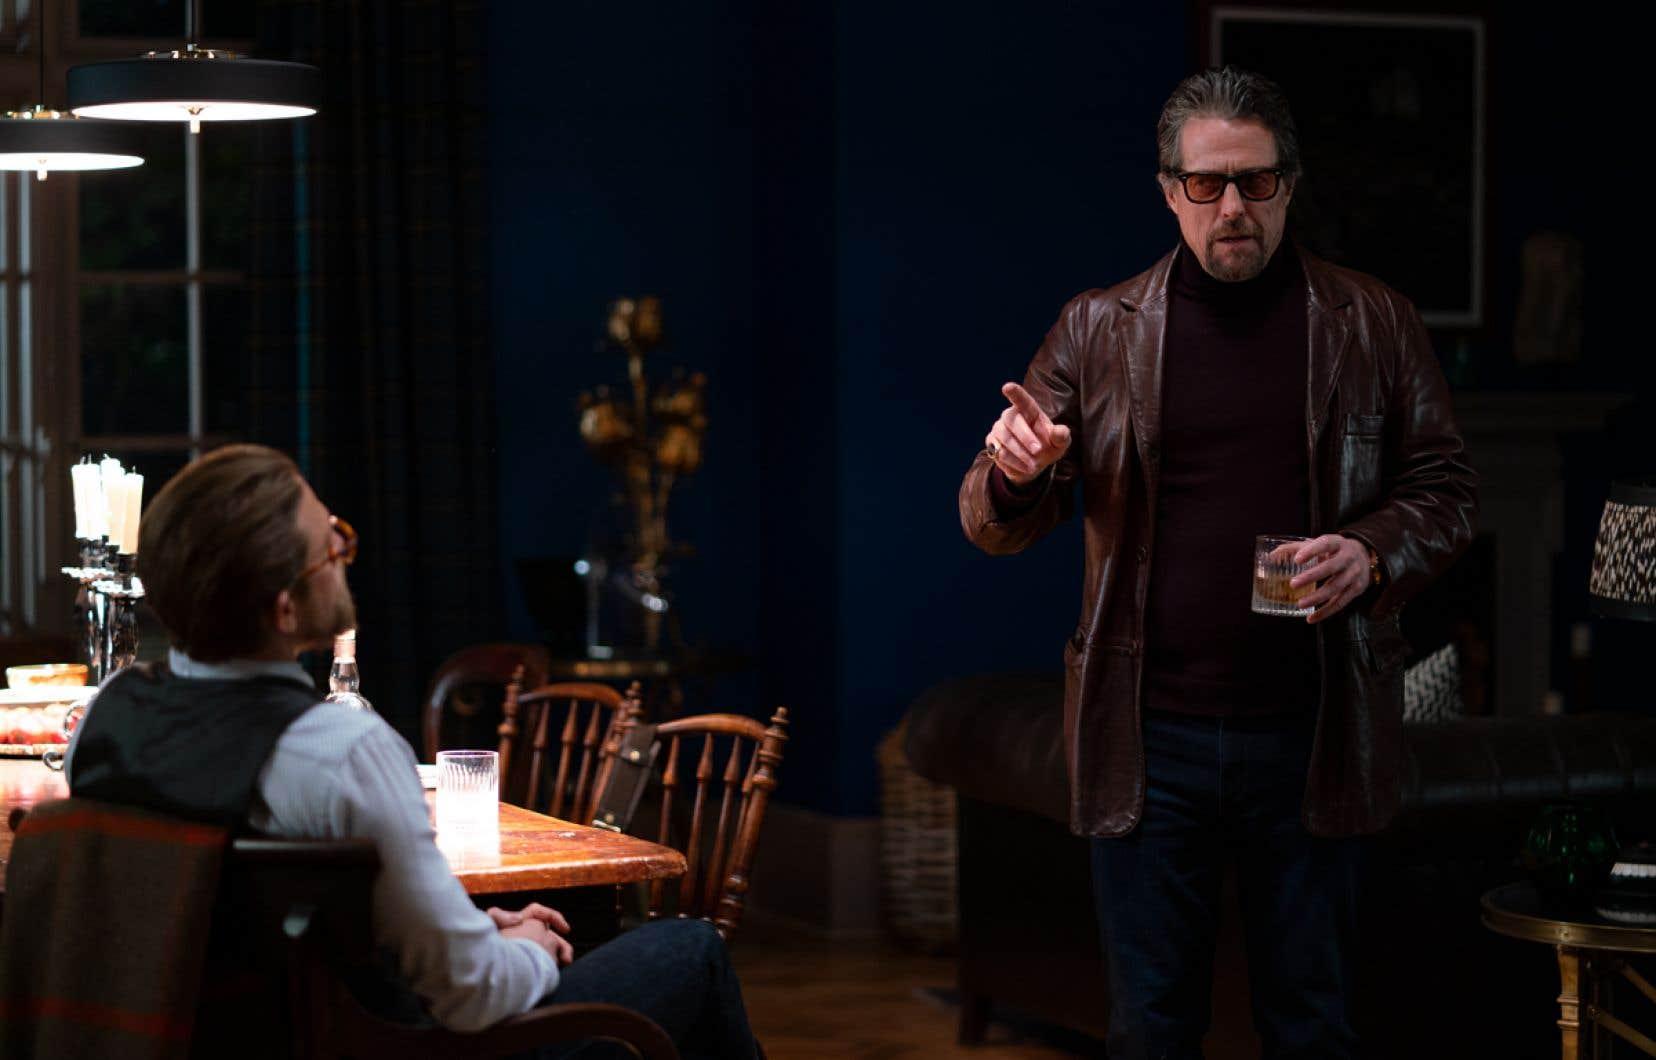 Hugh Grant vole littéralement  la vedette avec son incarnation de Fletcher,  un paparazzi fouille-merde  se présentant comme un détective.